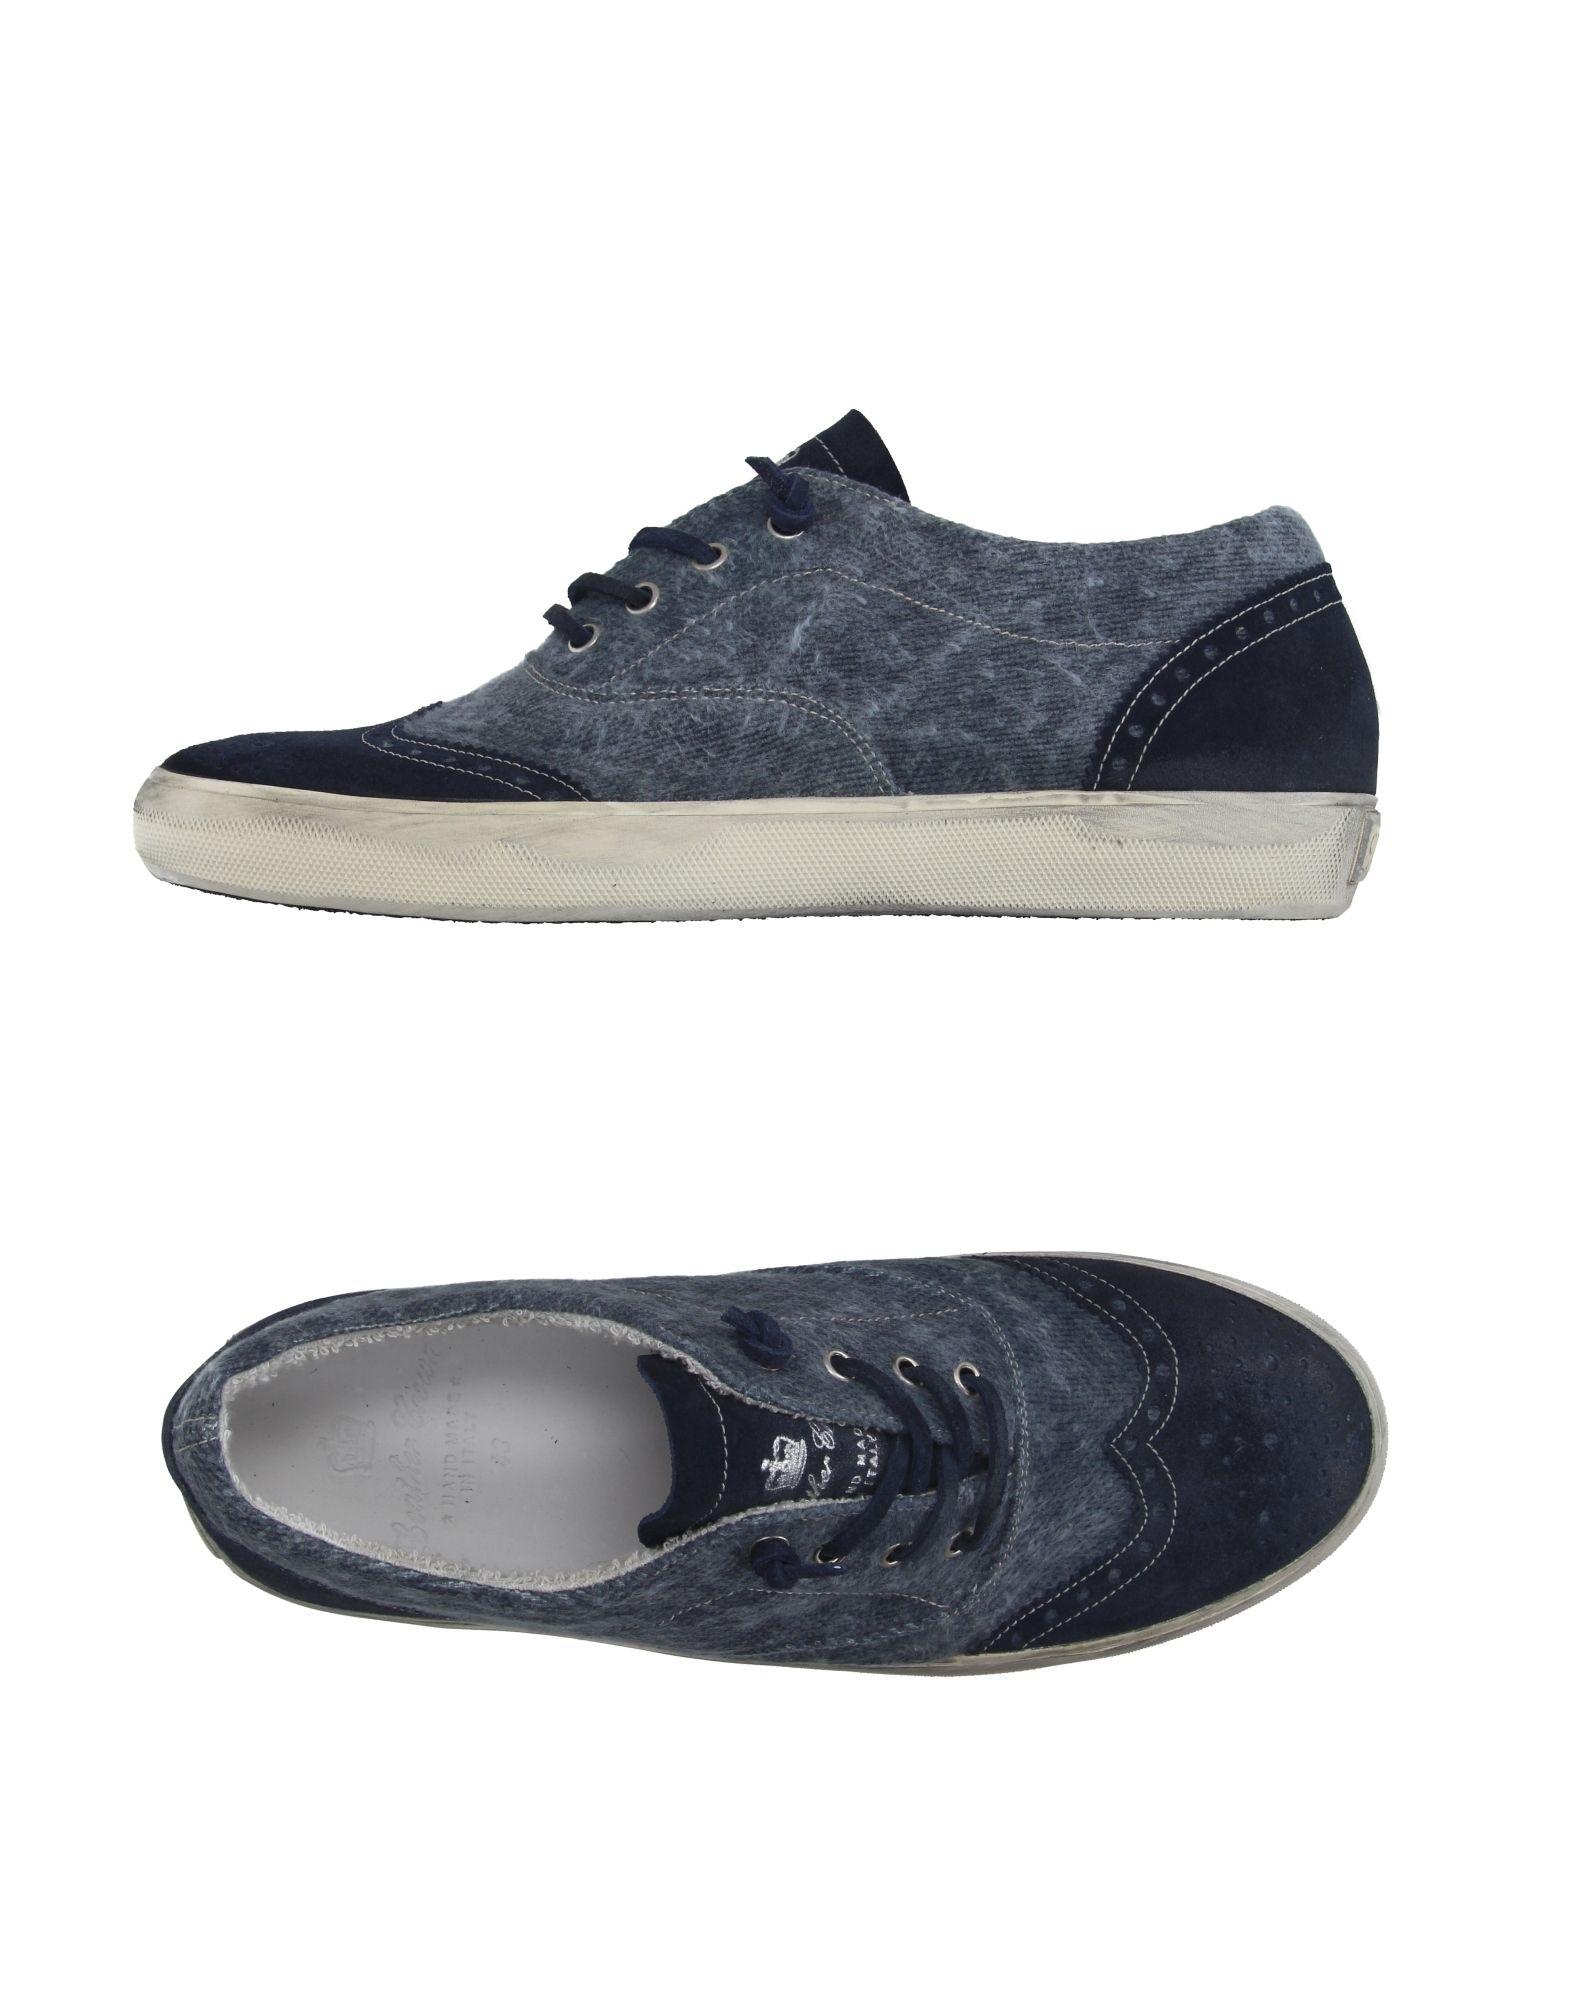 Rabatt Sneakers echte Schuhe Leather Crown Sneakers Rabatt Herren  11020659QH 161a4d